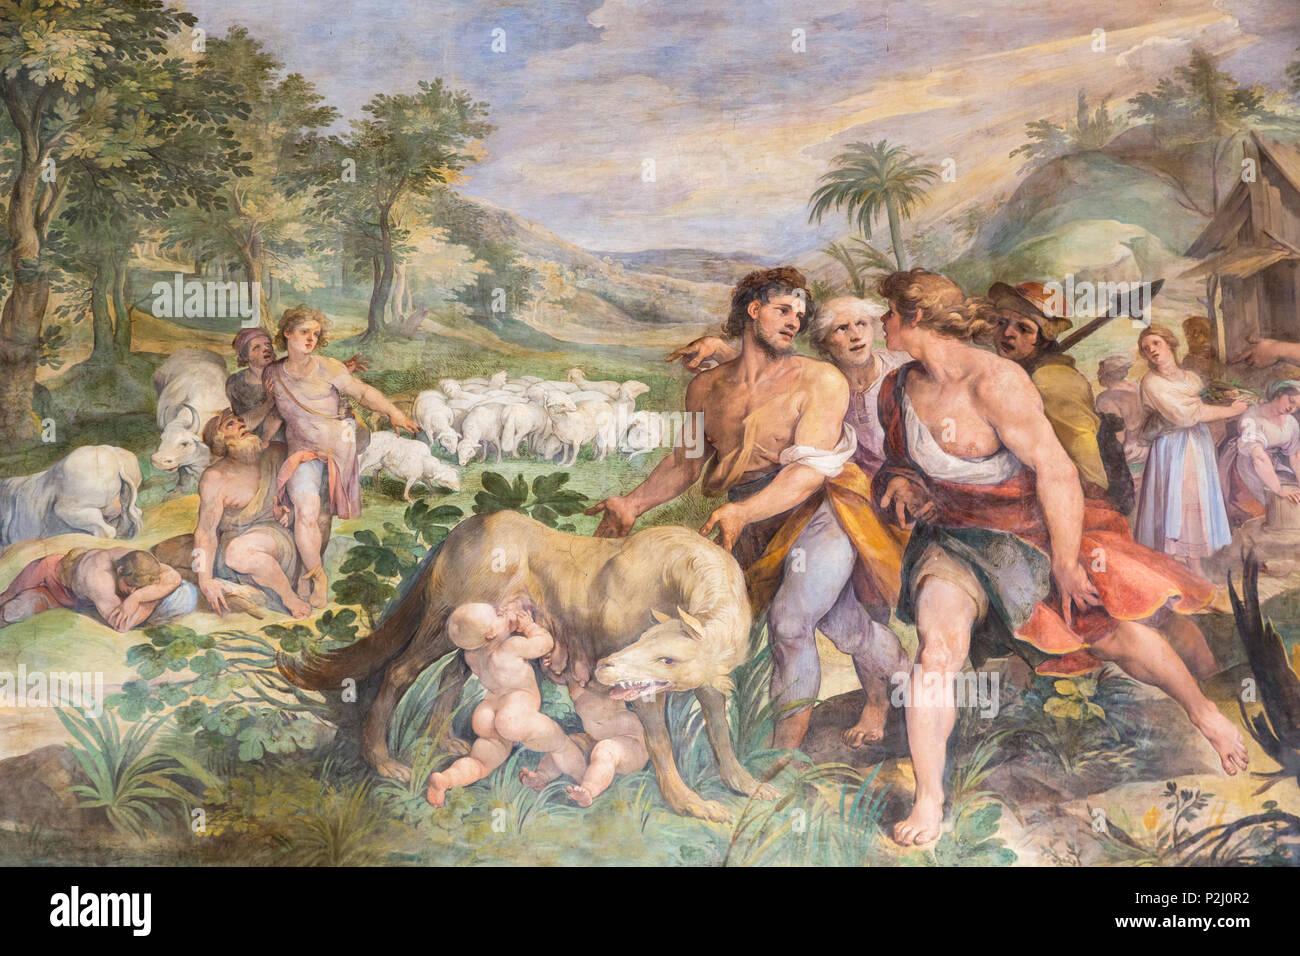 Rom, Italien. Die Kapitolinischen Museum. Diagnose der Wölfin mit Romulus und Remus, ein Fresko in der Großen Halle, auch bekannt als Horatii und Curatii Stockbild